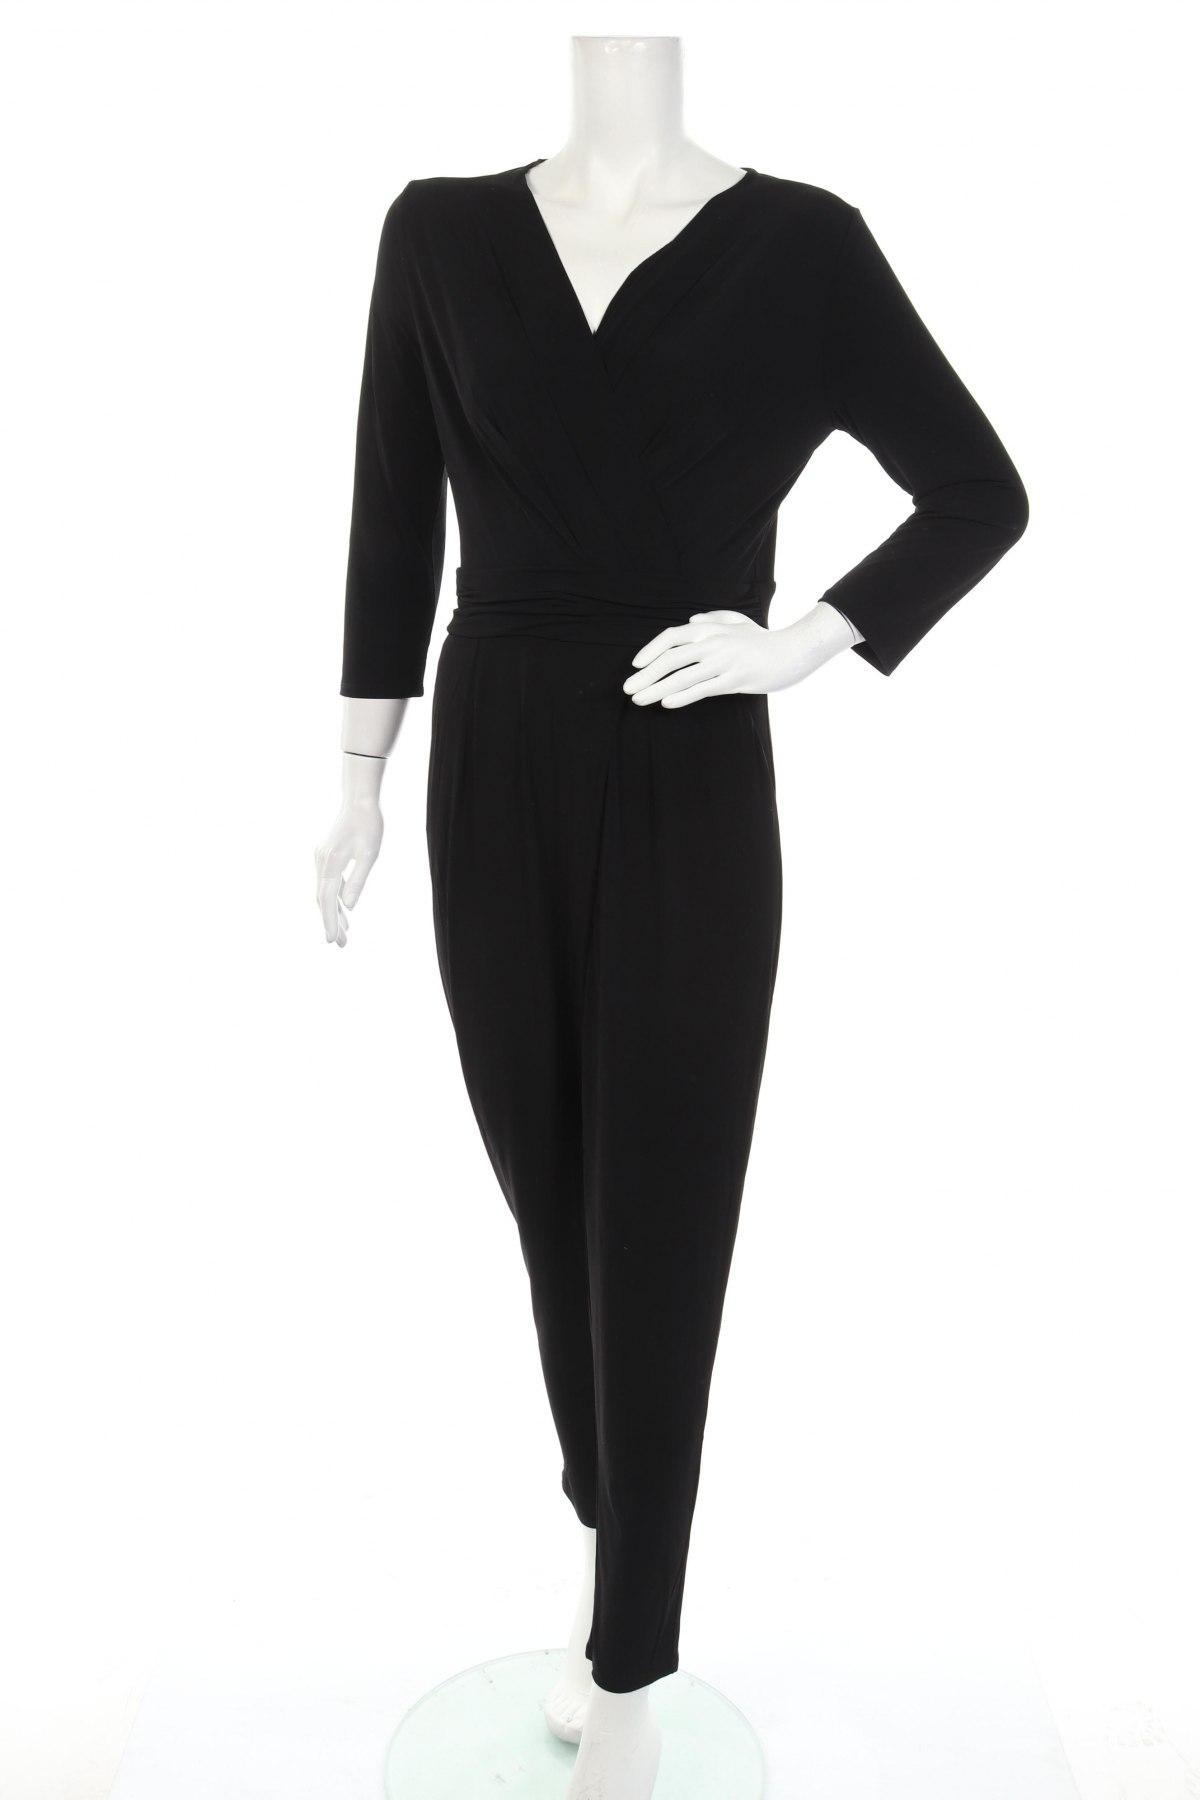 Γυναικεία σαλοπέτα Esprit, Μέγεθος M, Χρώμα Μαύρο, 96% πολυεστέρας, 4% ελαστάνη, Τιμή 57,60€